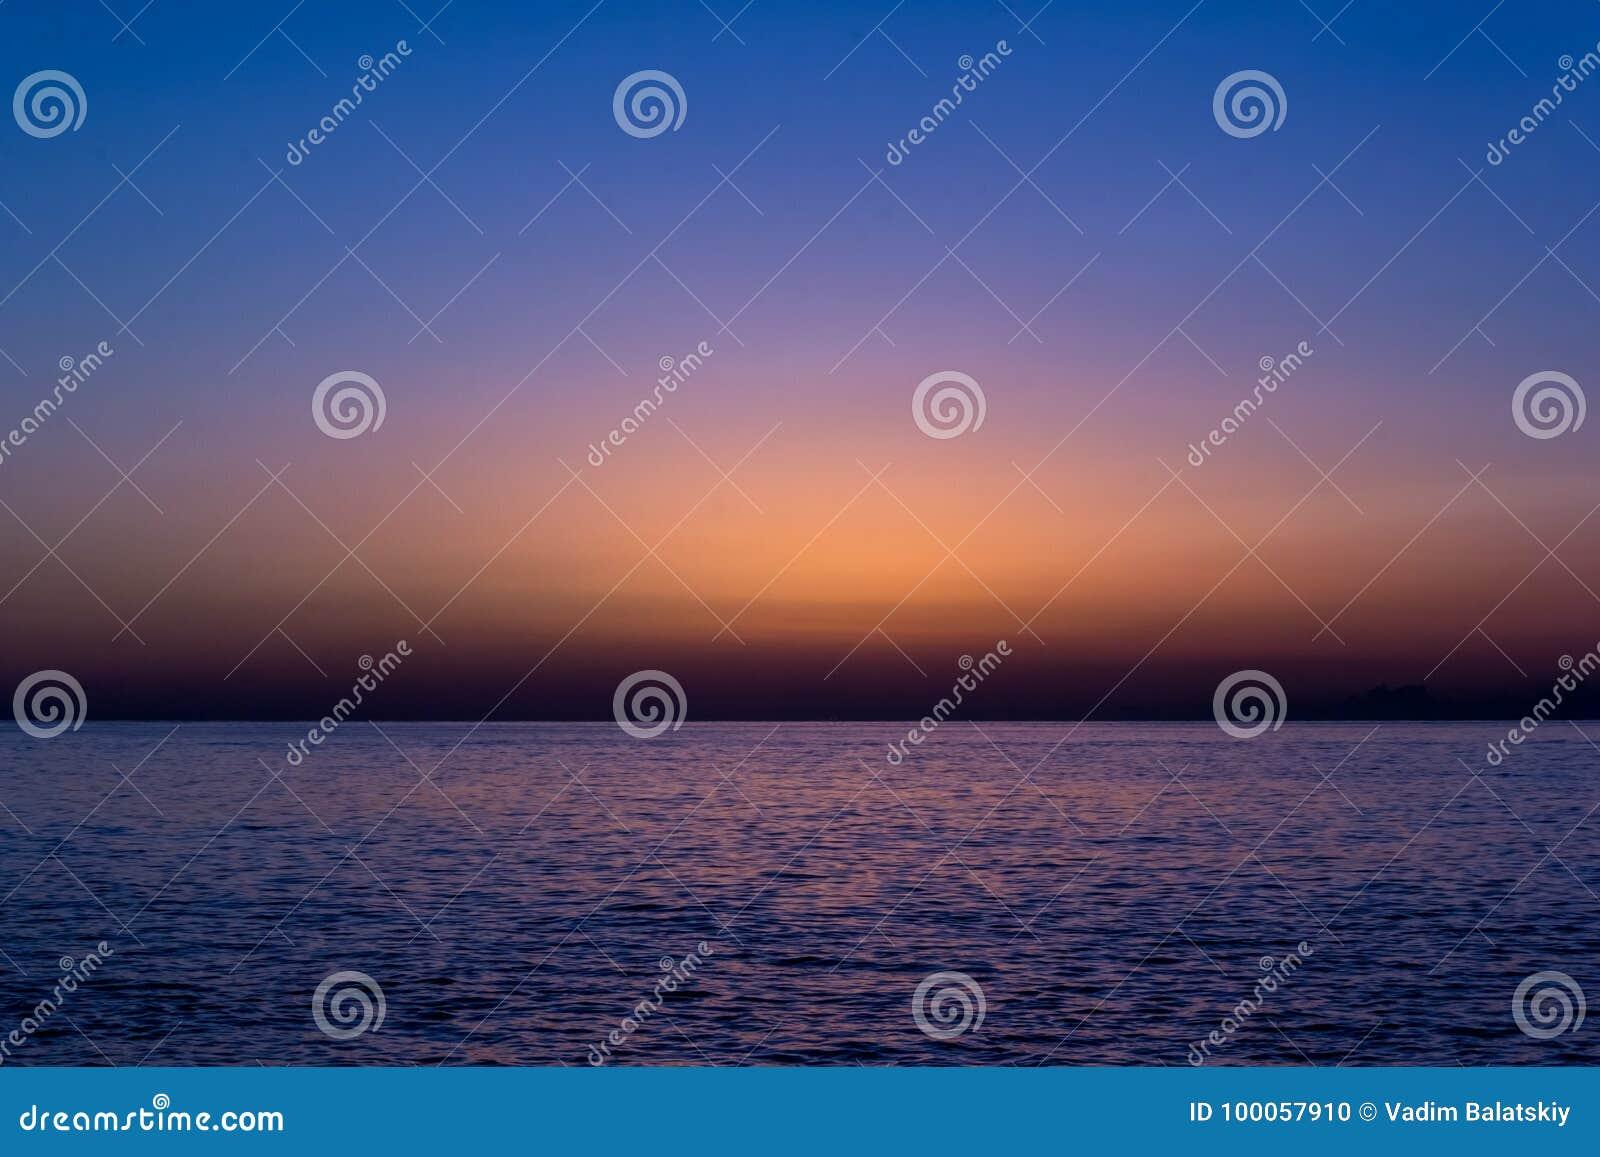 Перед восходом солнца в море